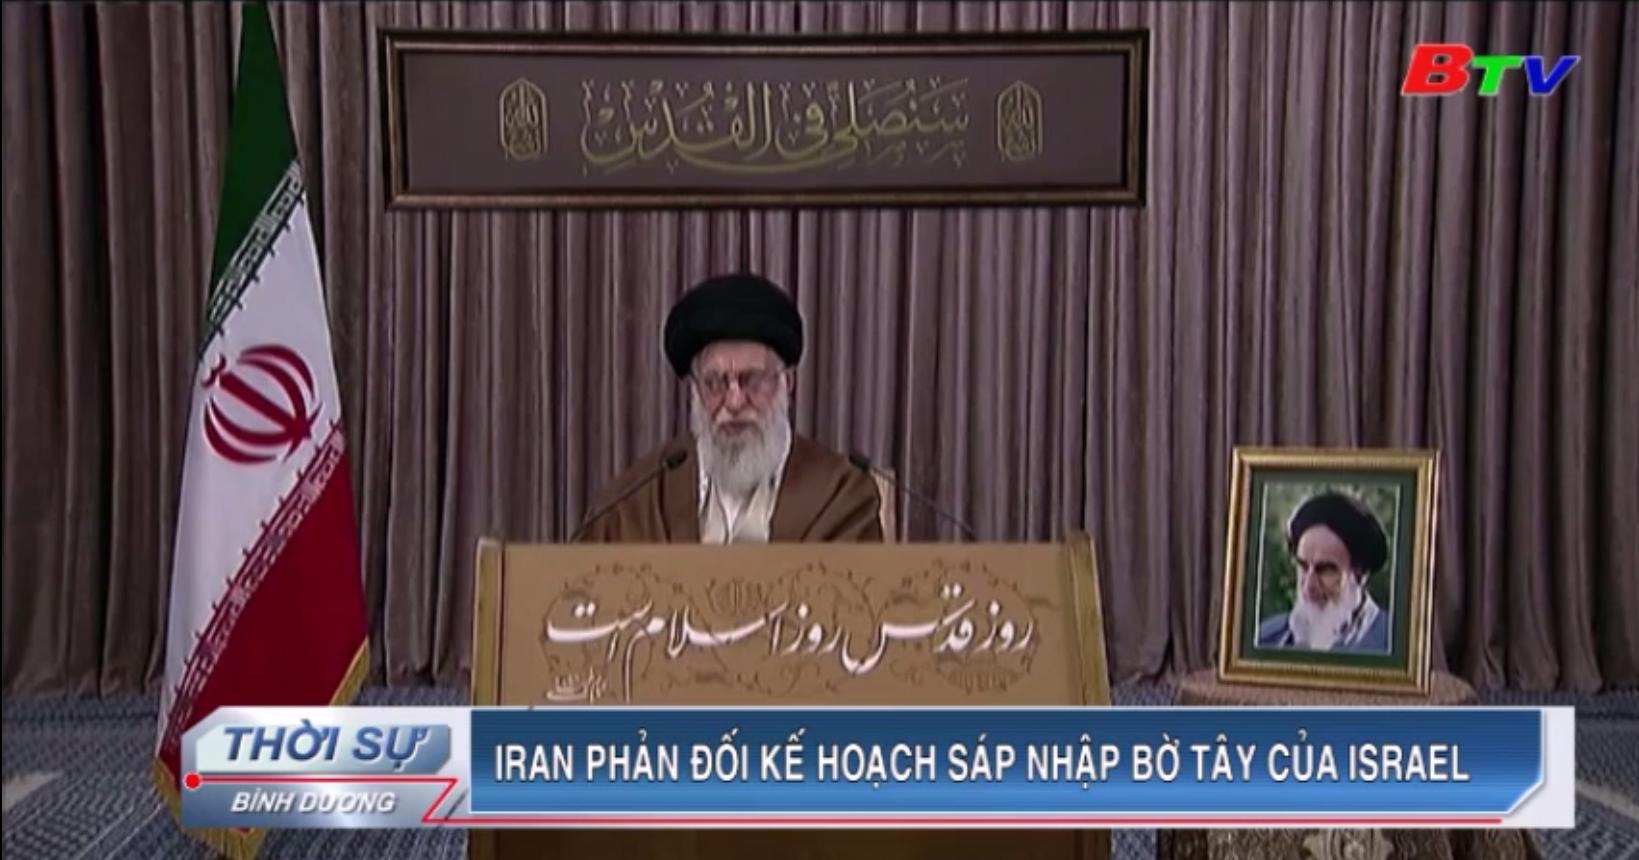 Iran phản đối kế hoạch sáp nhập Bờ Tây của Israel